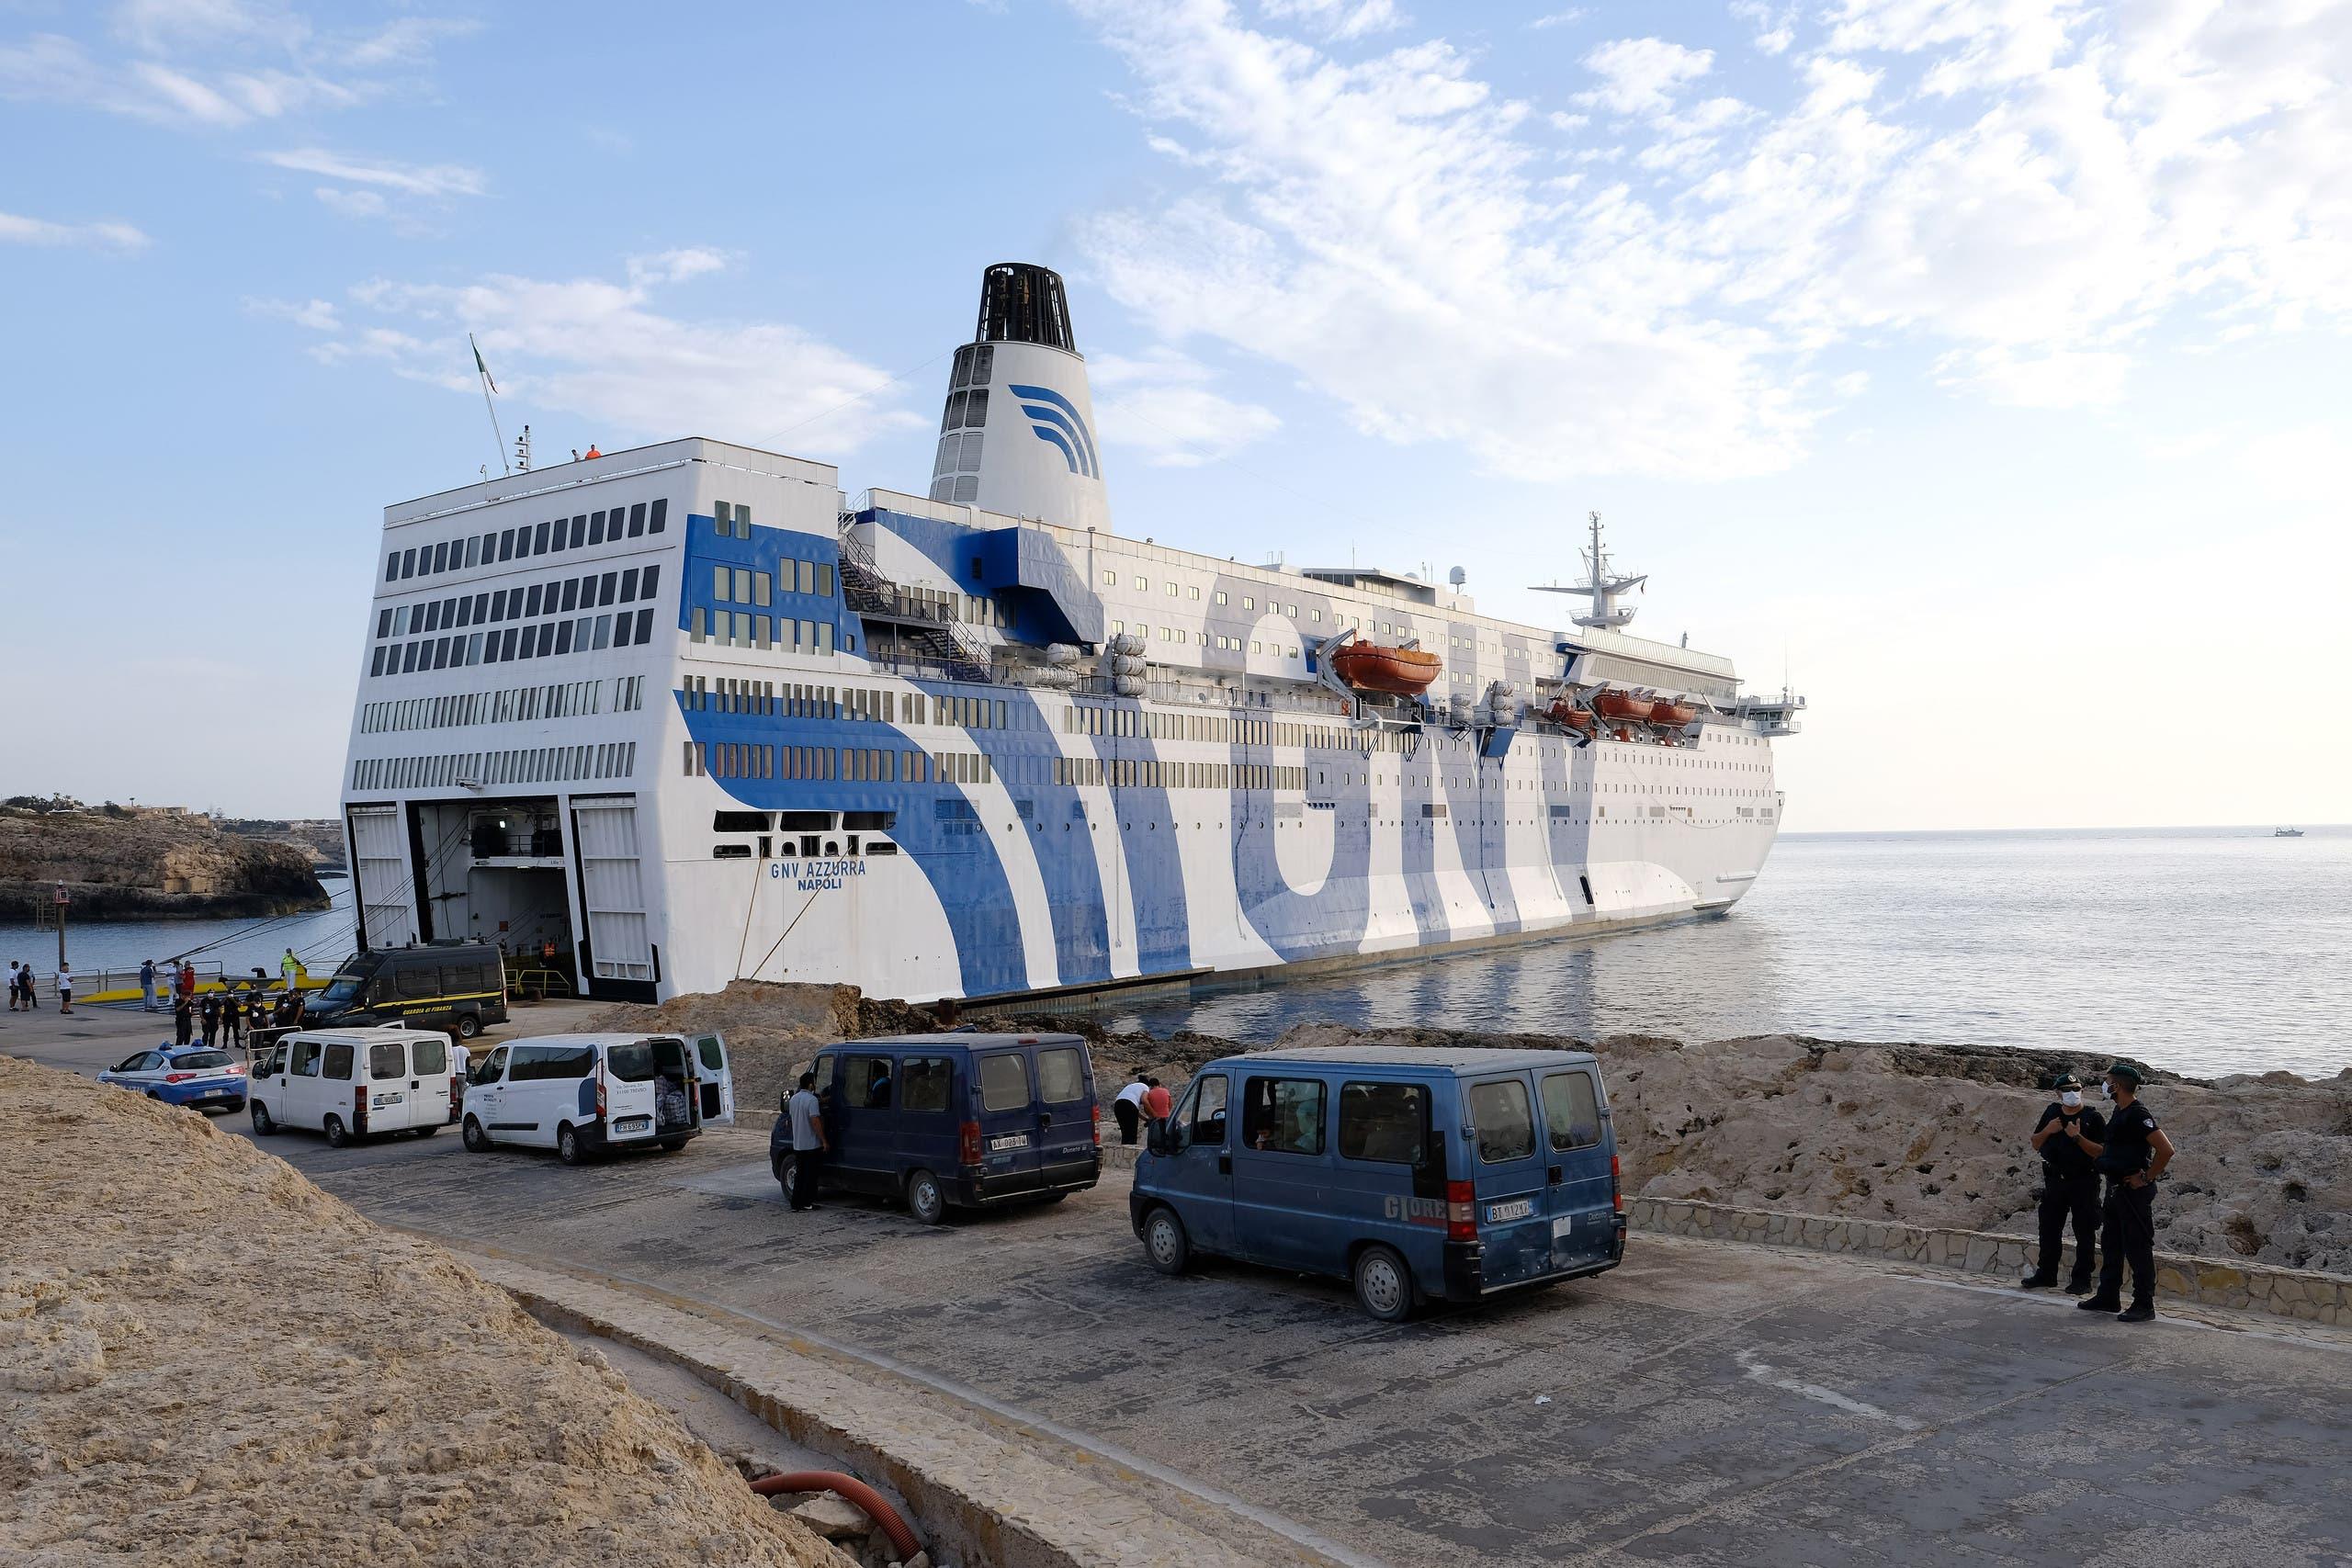 عبّارة للحجر الصحي على شواطئ إيطاليا